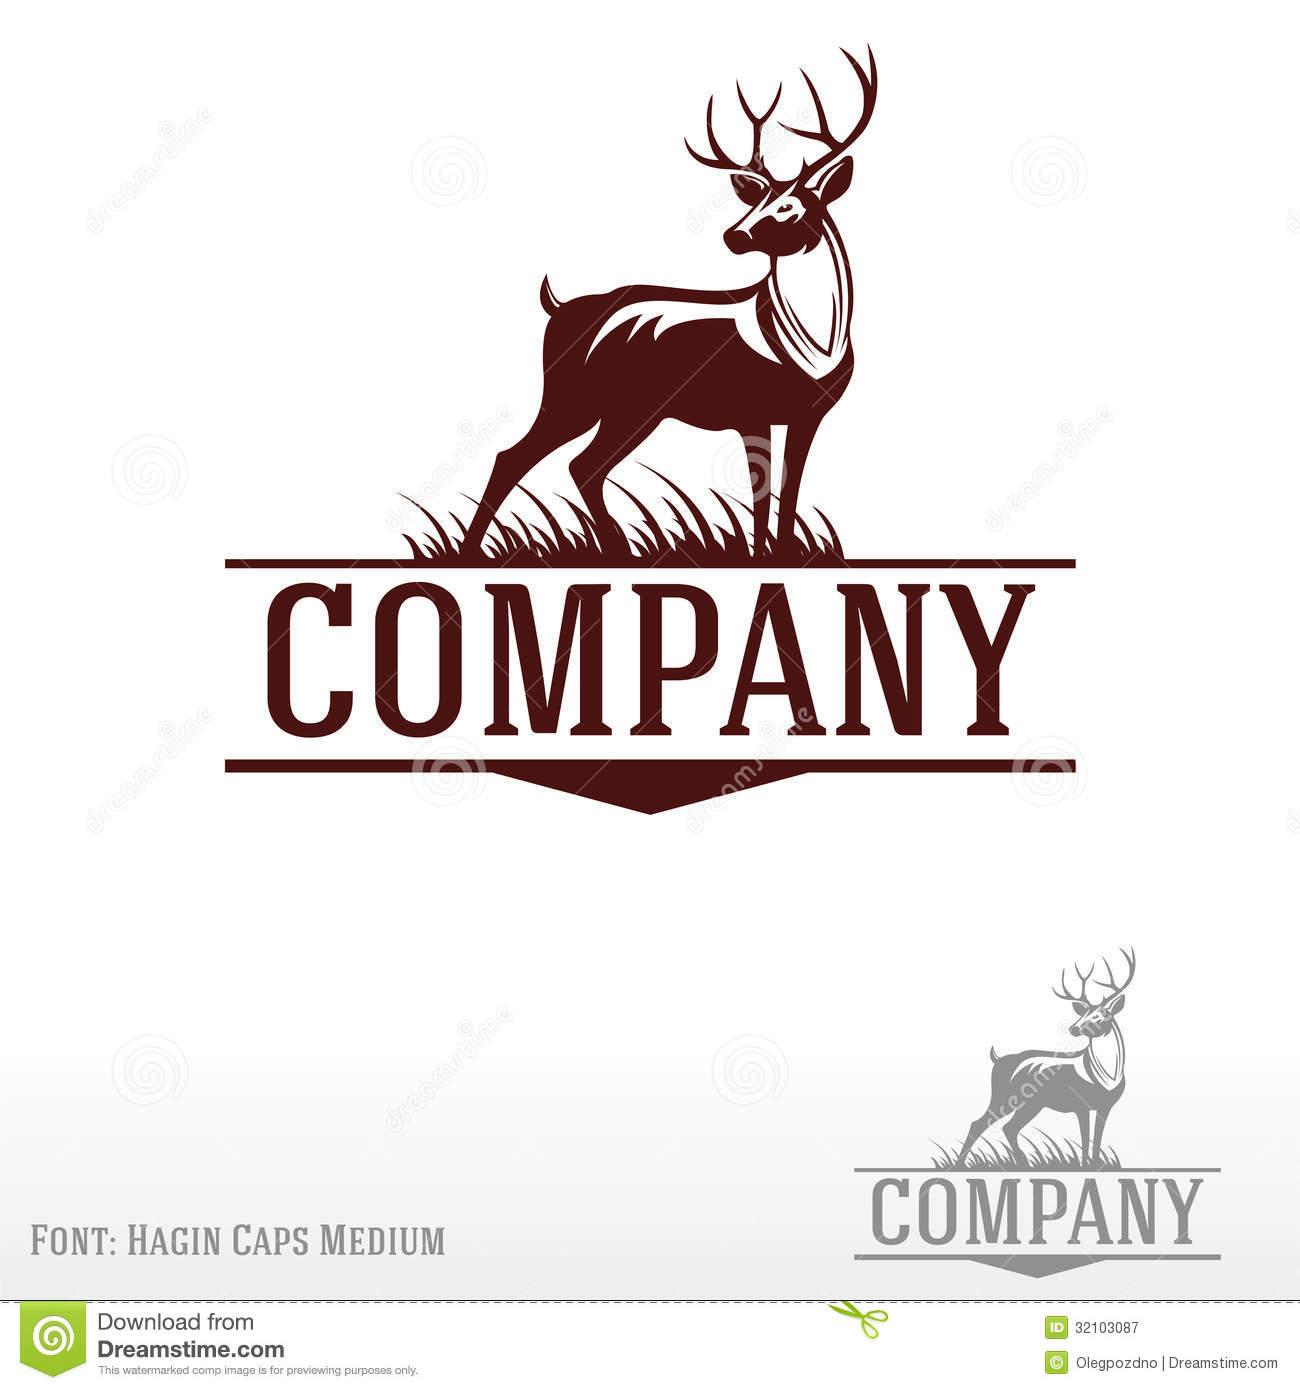 Dear clipart cute deer Royalty Free Logo Deer Stag